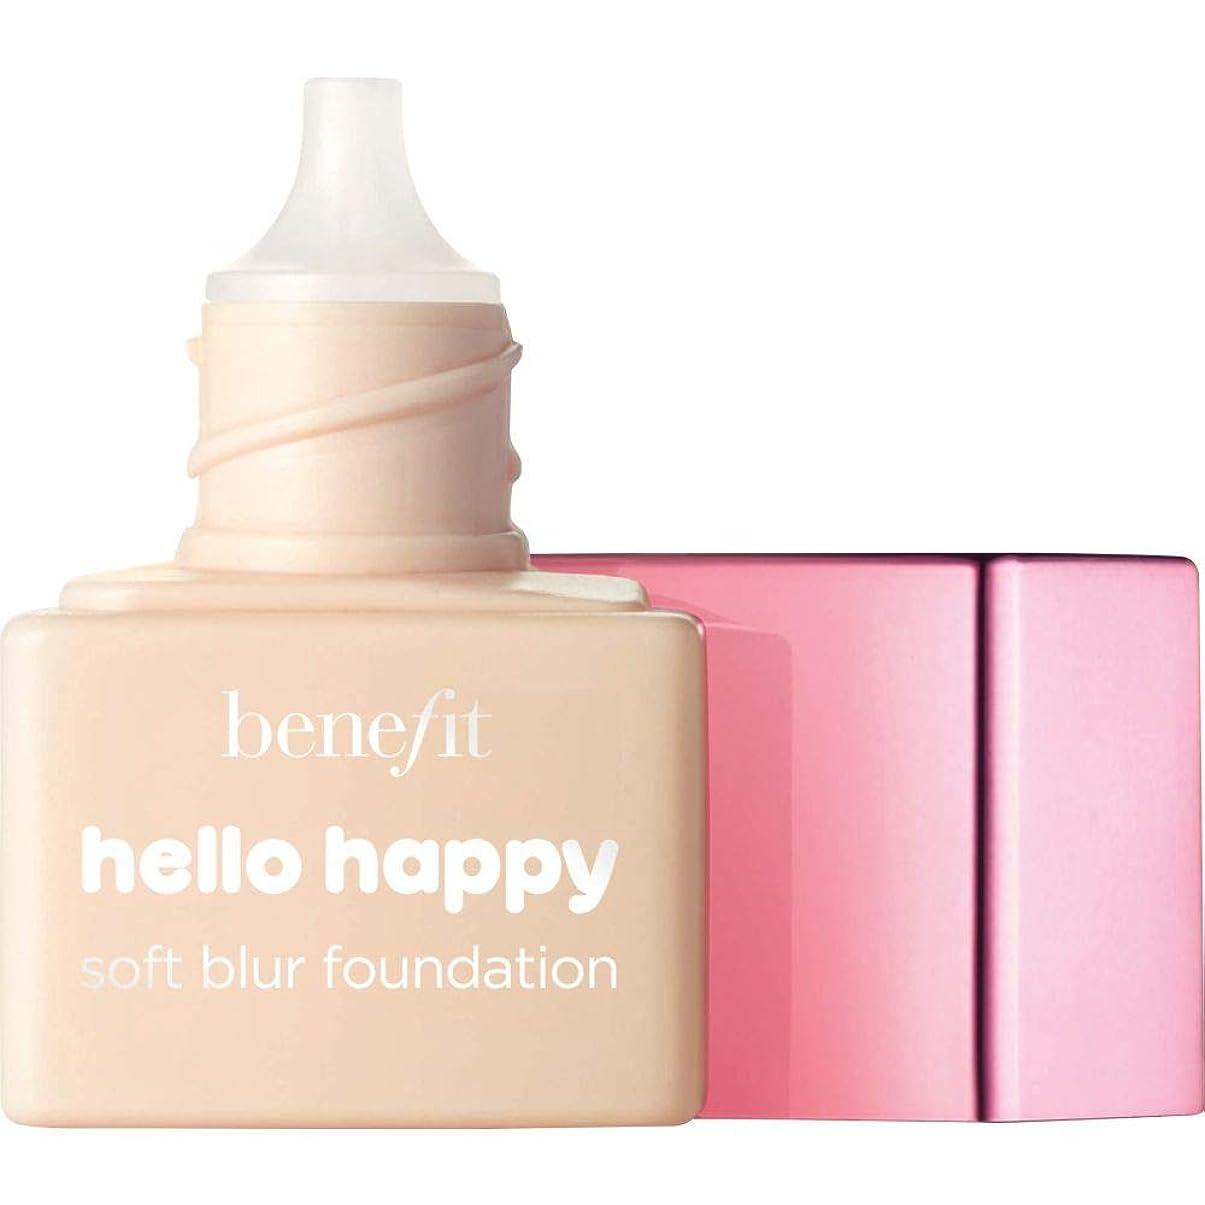 サイドボード深さ摂動[Benefit ] ミニ2 - - ハロー幸せソフトブラー基礎Spf15の6ミリリットルの利益に暖かい光 - Benefit Hello Happy Soft Blur Foundation SPF15 6ml - Mini 2 - Light Warm [並行輸入品]